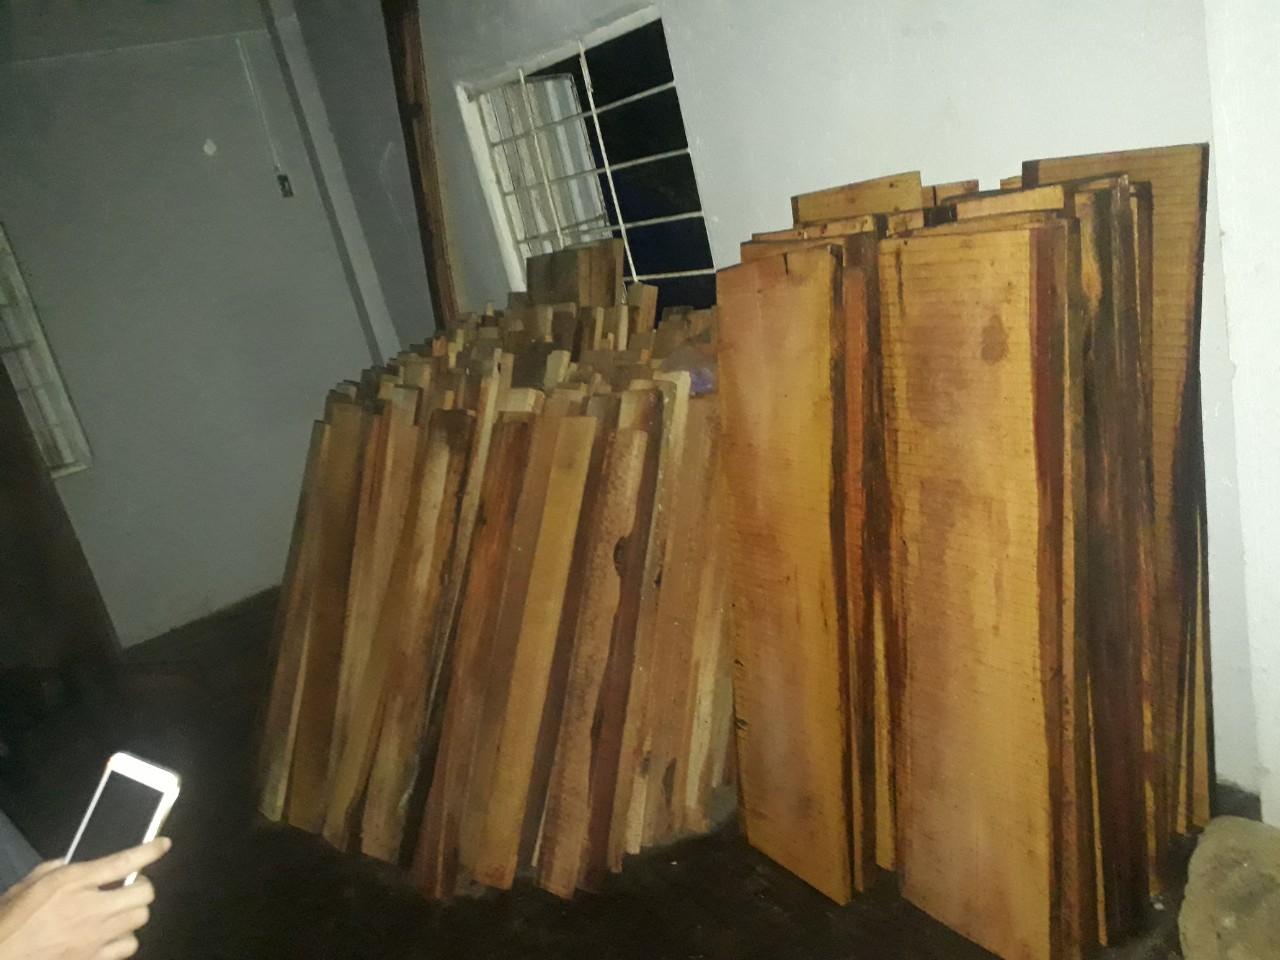 Số gỗ bị phát hiện, tạm giữ. Ảnh: T.T